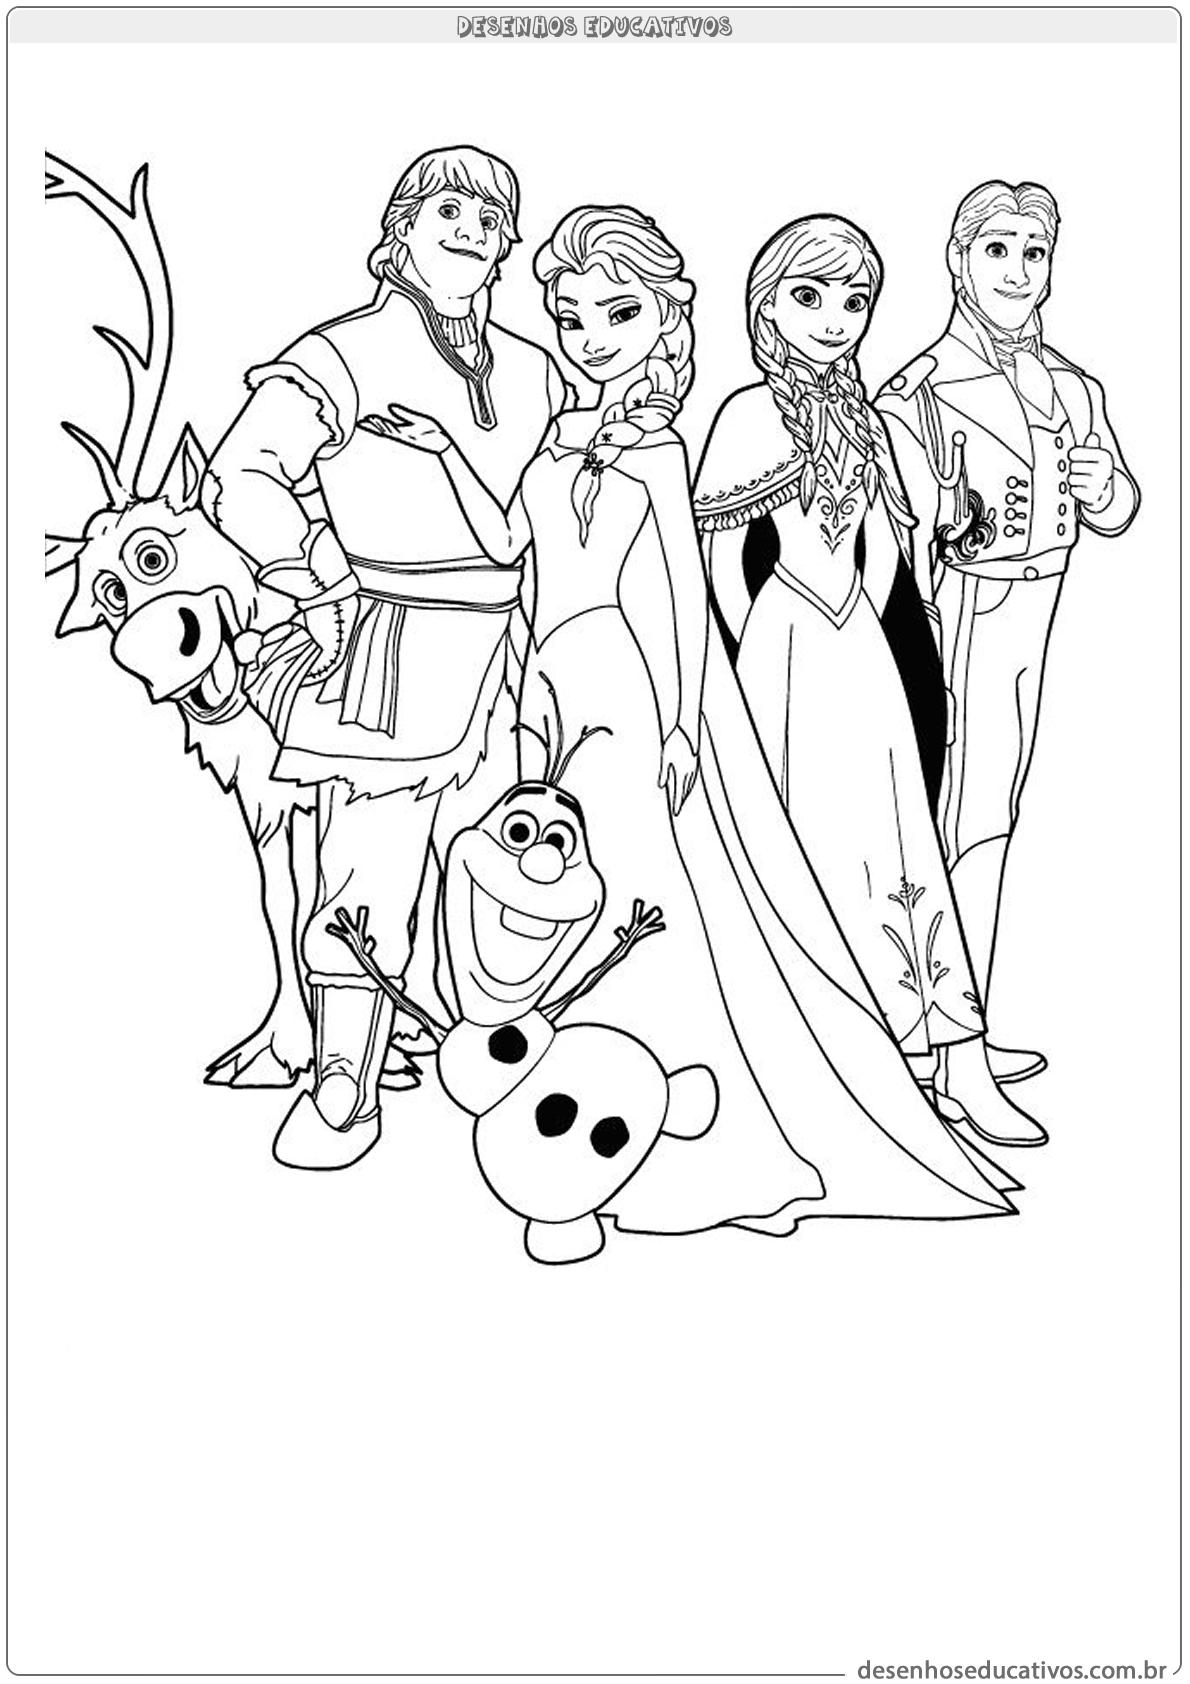 Desenhos educativos personagem do filme Frozen